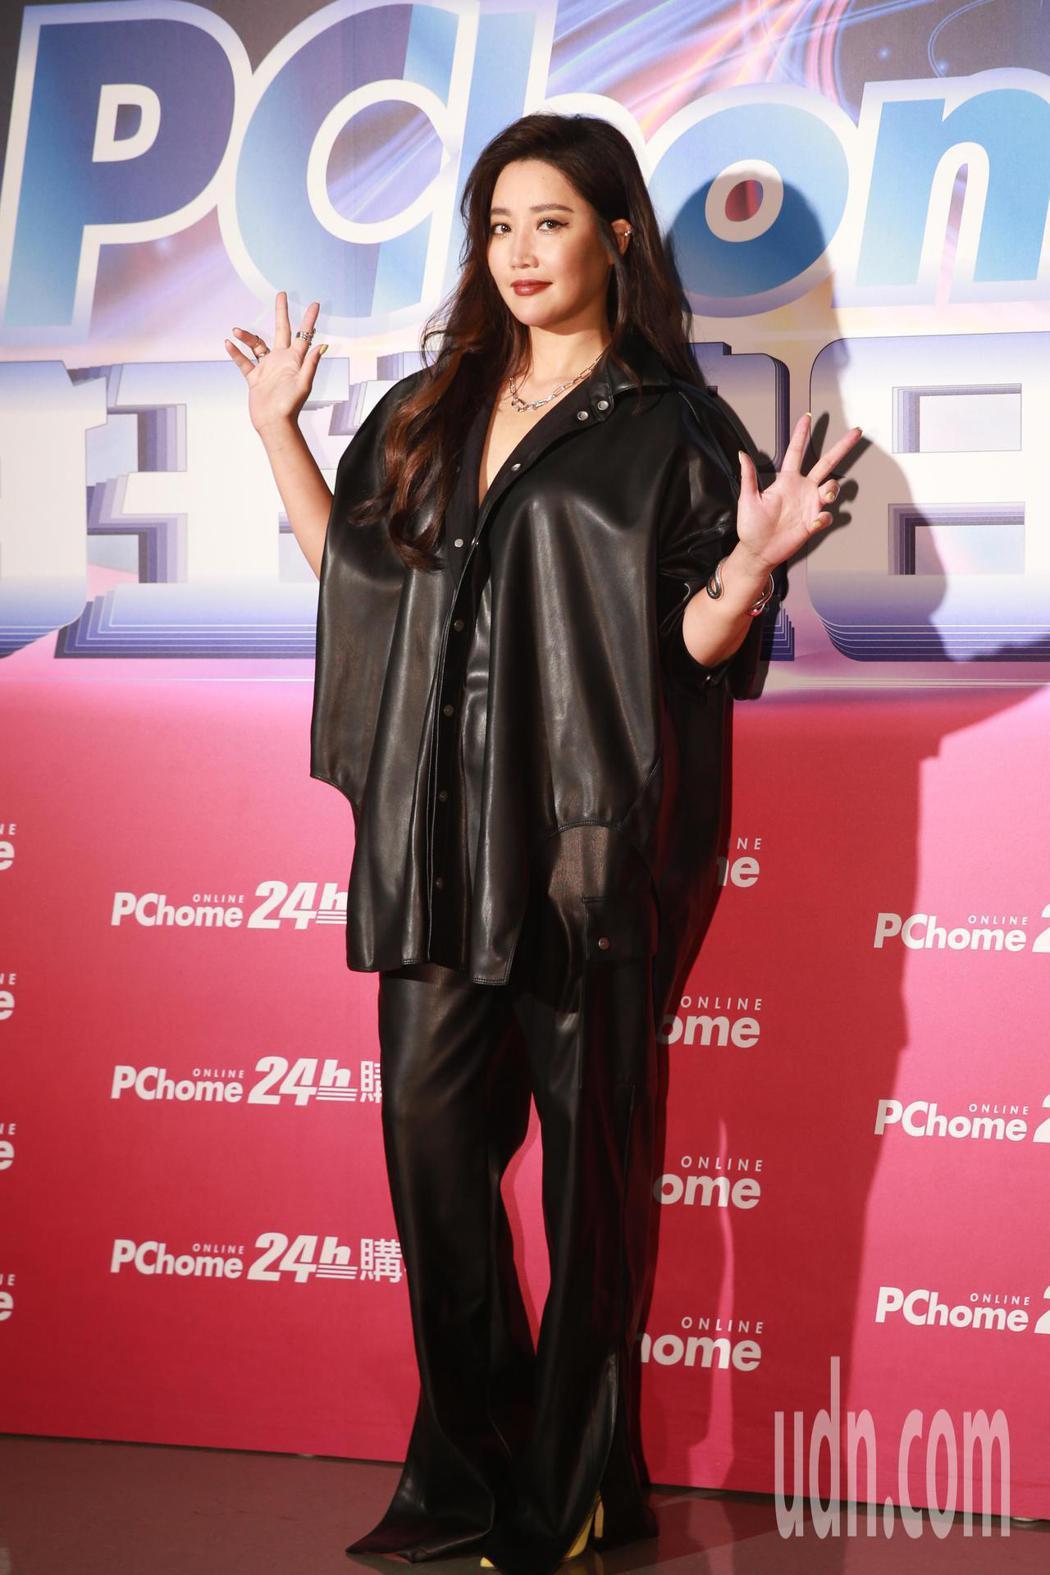 電商平台PChome在小巨蛋舉辦年度演唱會,邀請A-Lin與電商會員同歡。記者許...